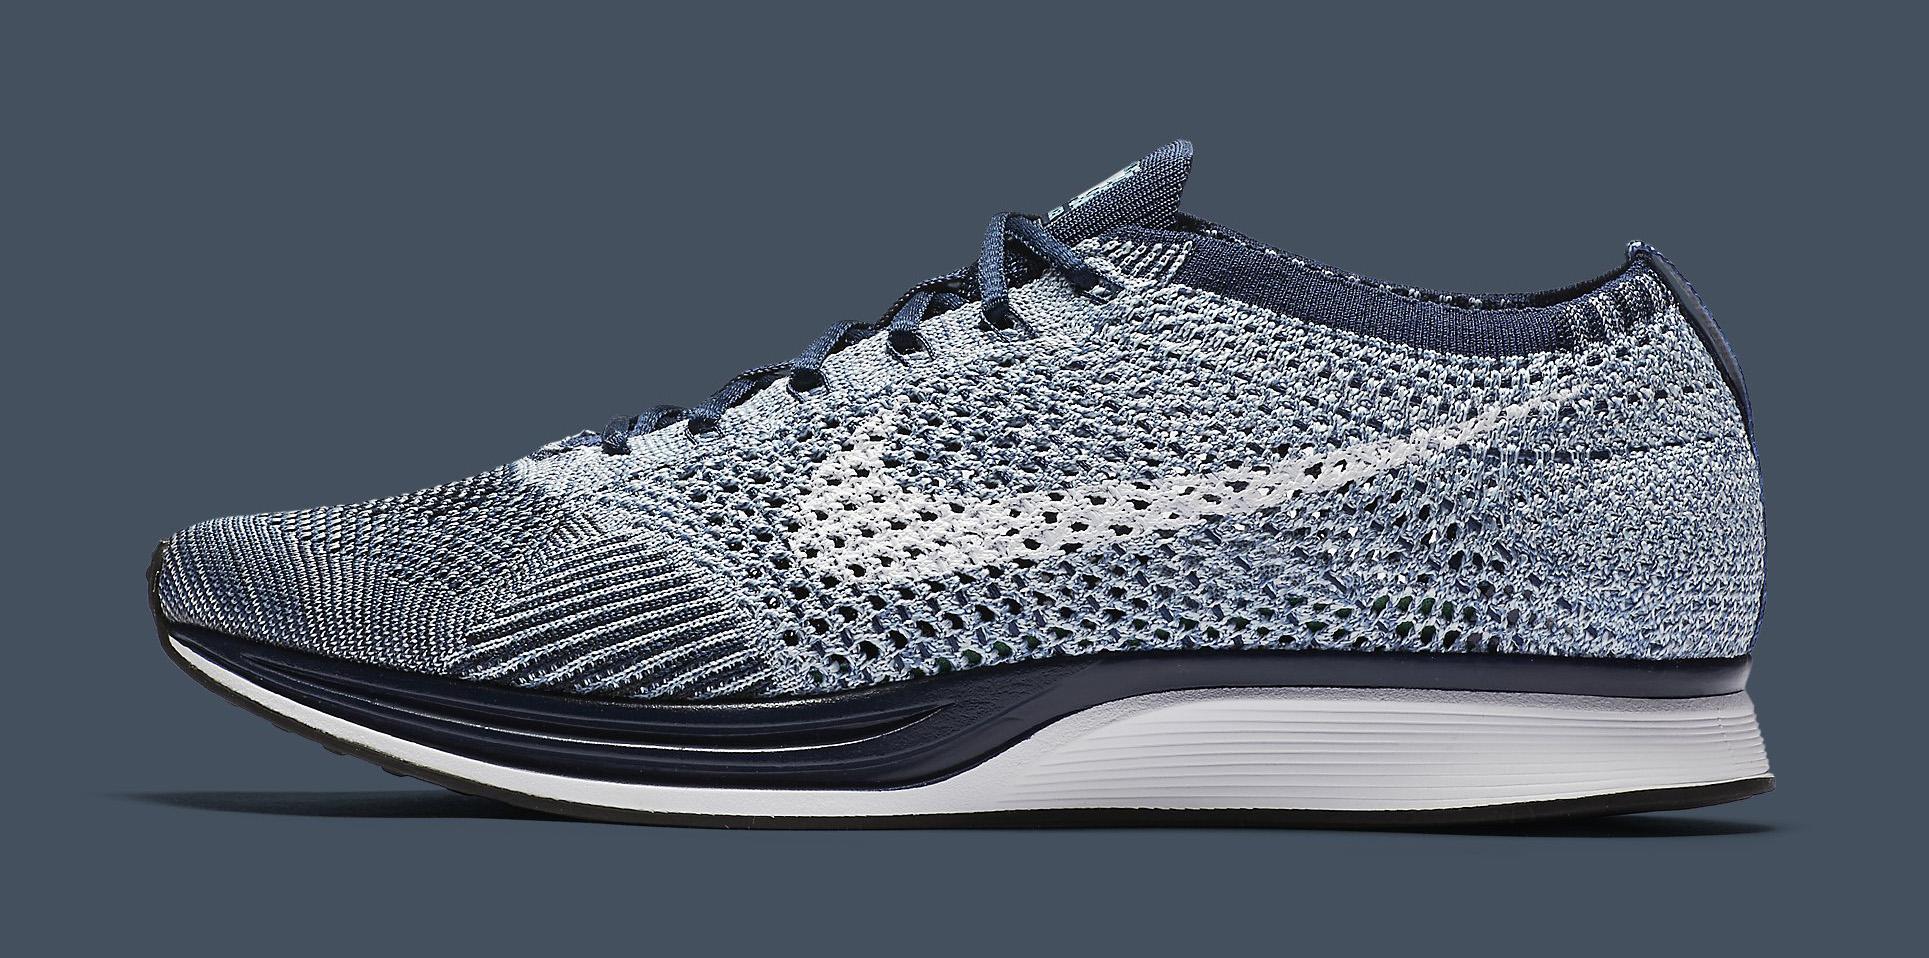 buy popular 04433 97377 Nike Flyknit Racer Blue Tint White 862713-401 Profile